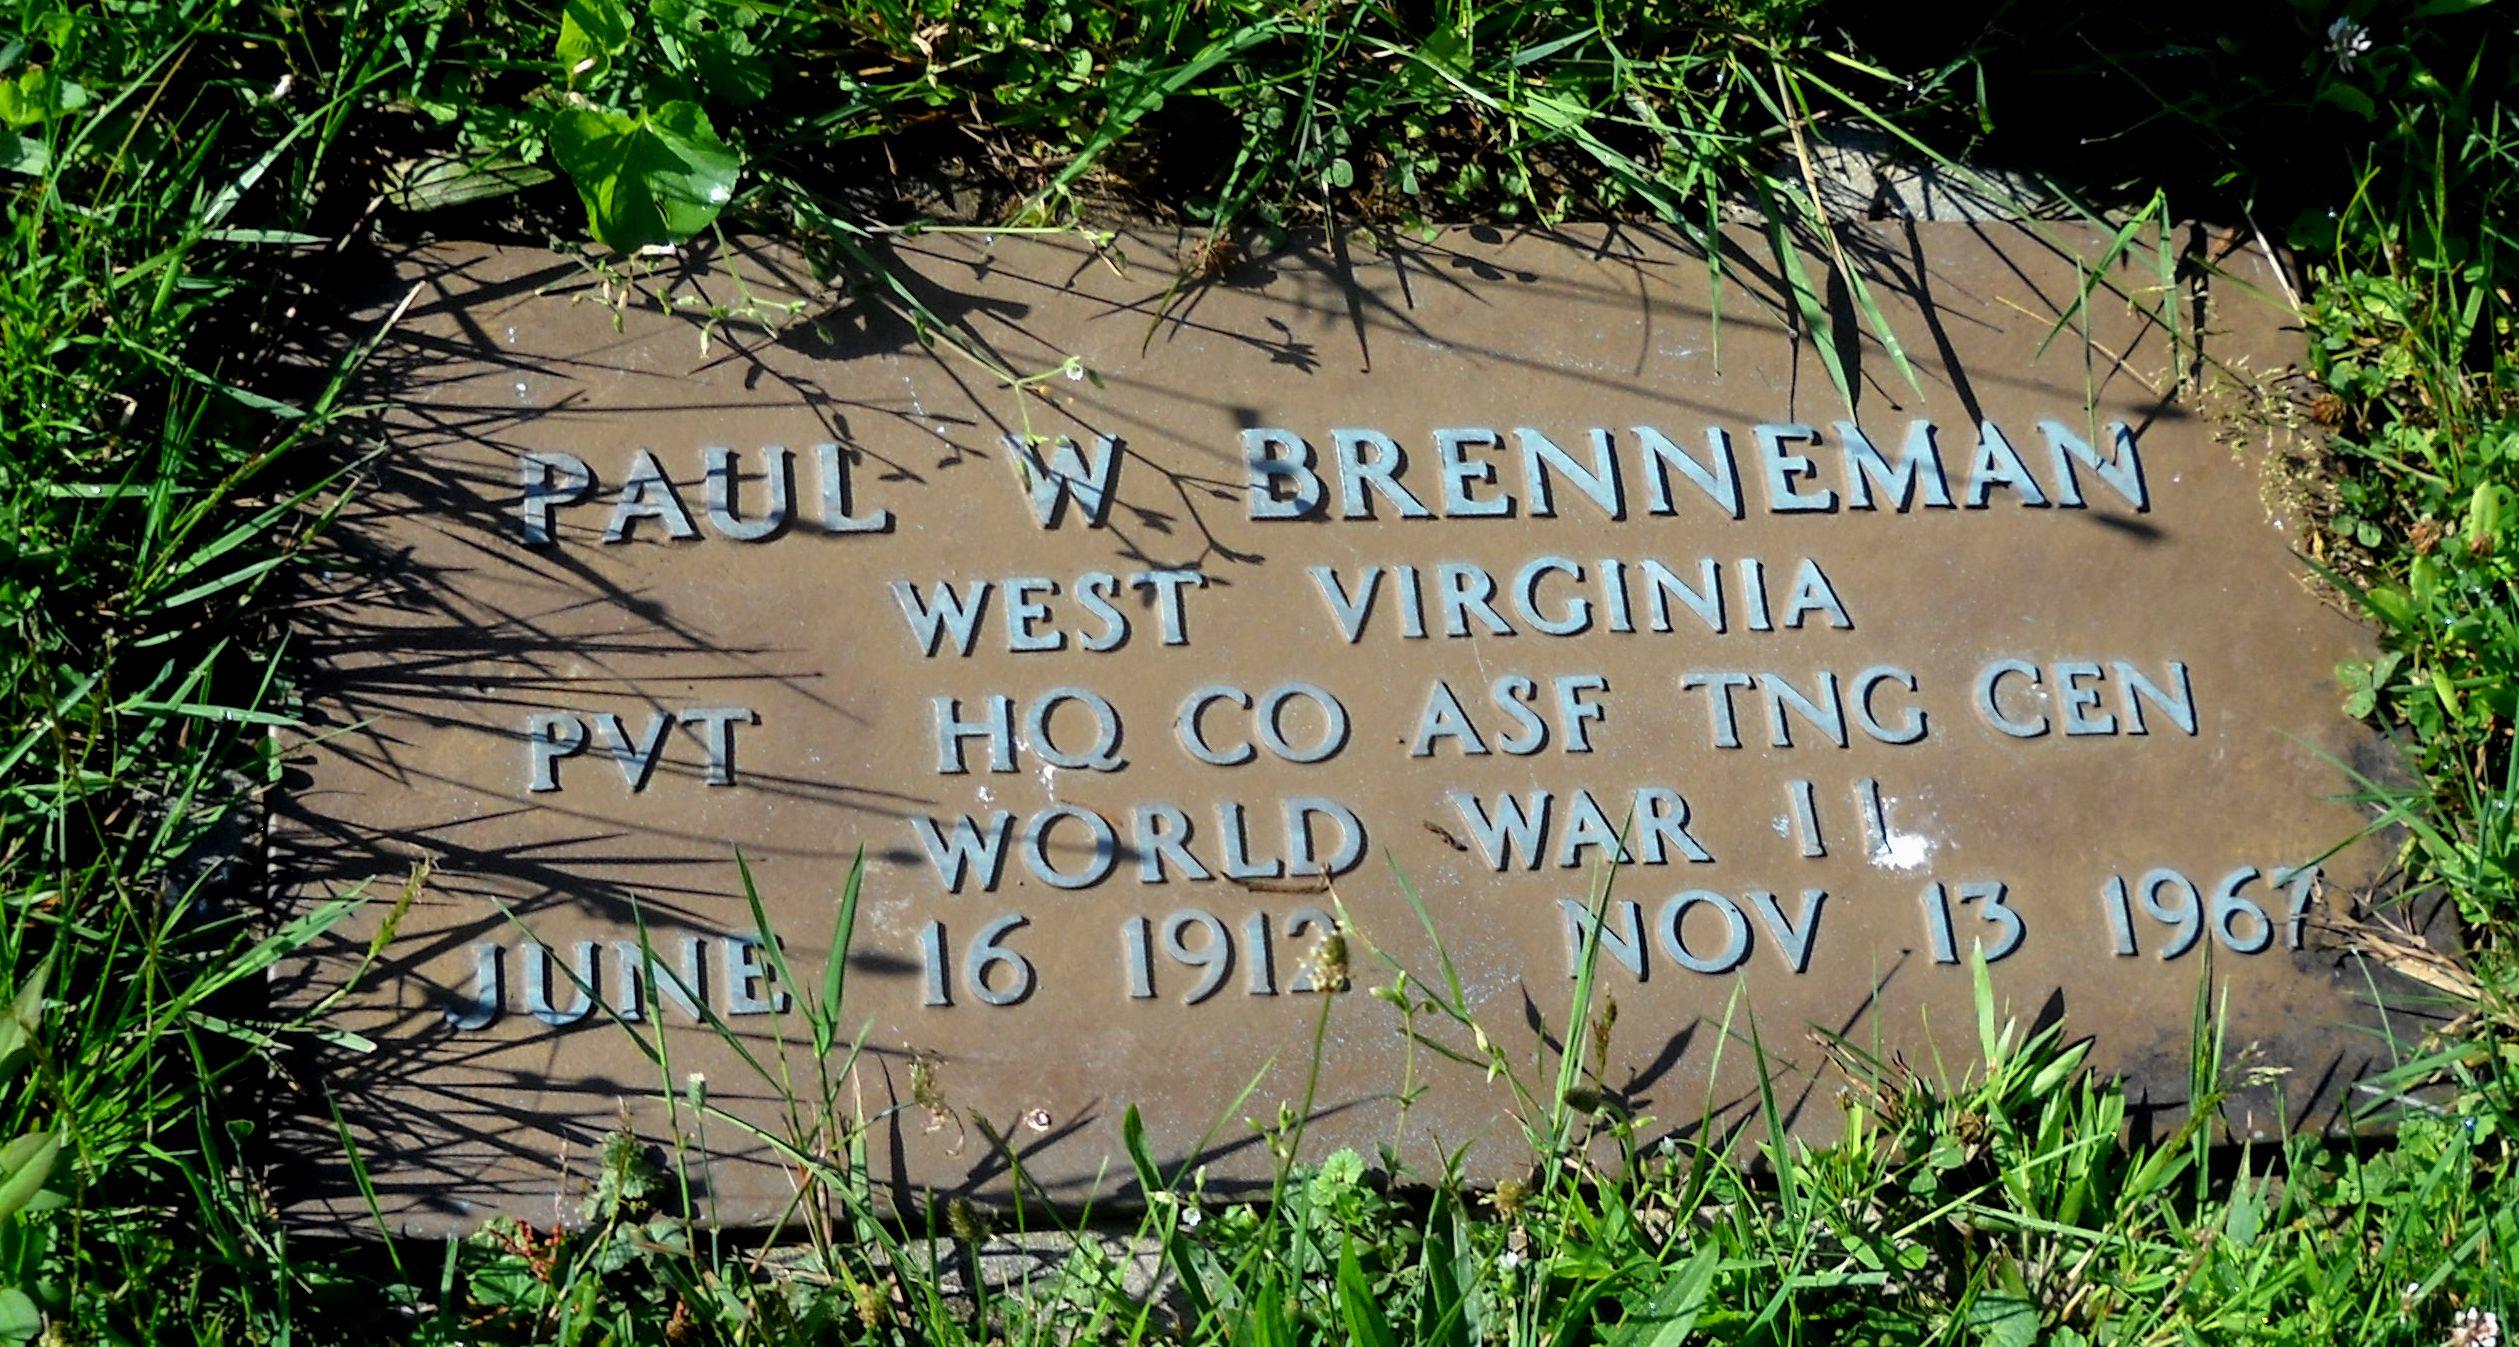 Paul W. Brenneman